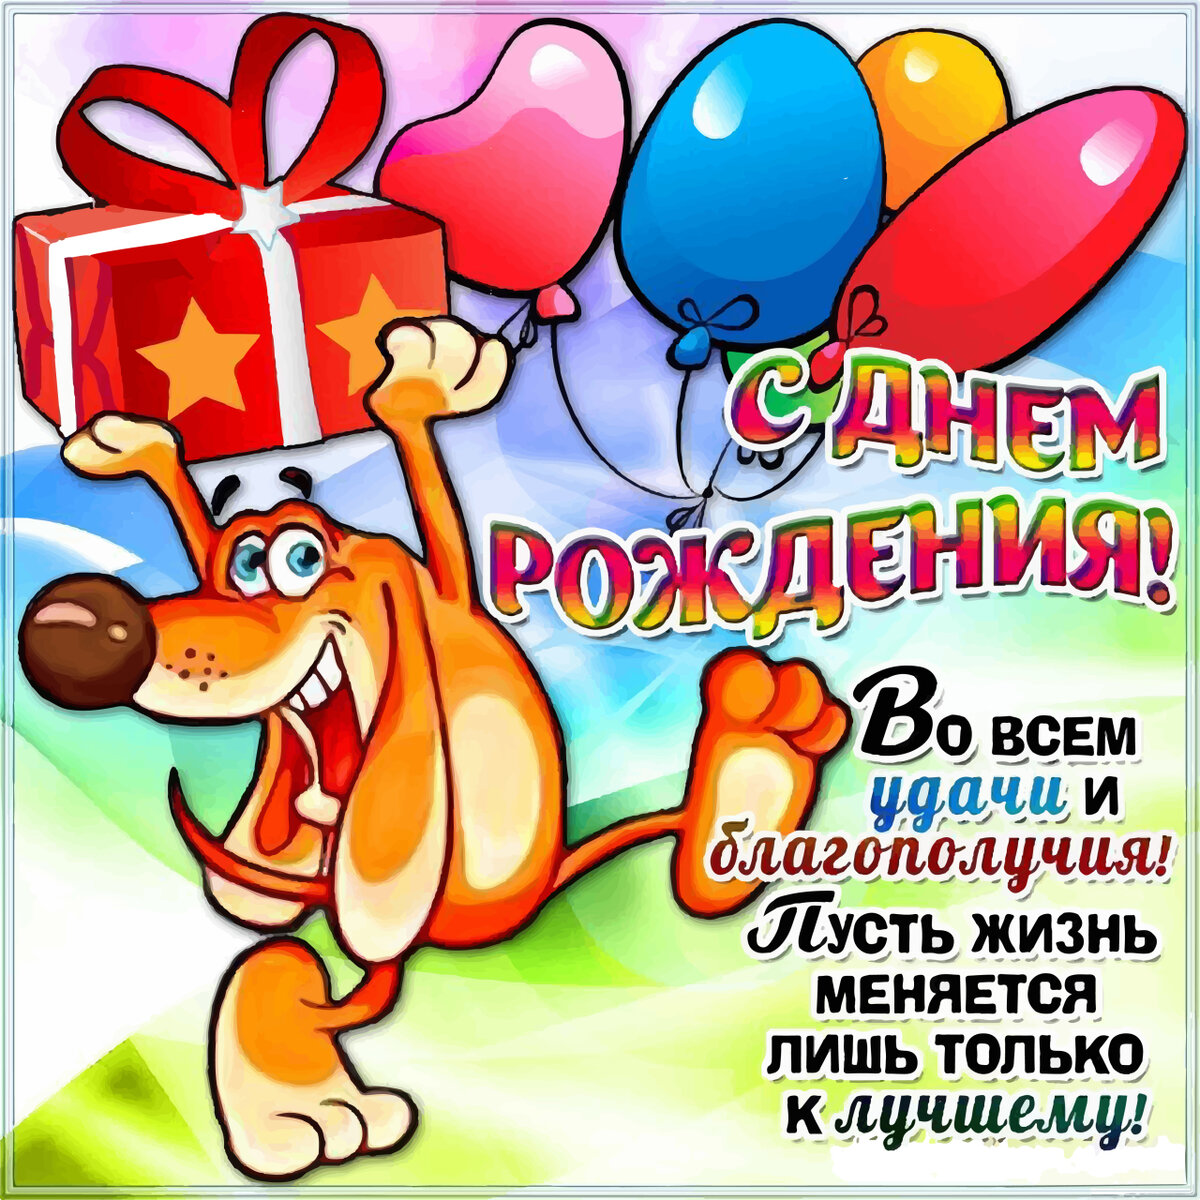 Поздравить с днем рождения пацана прикольно